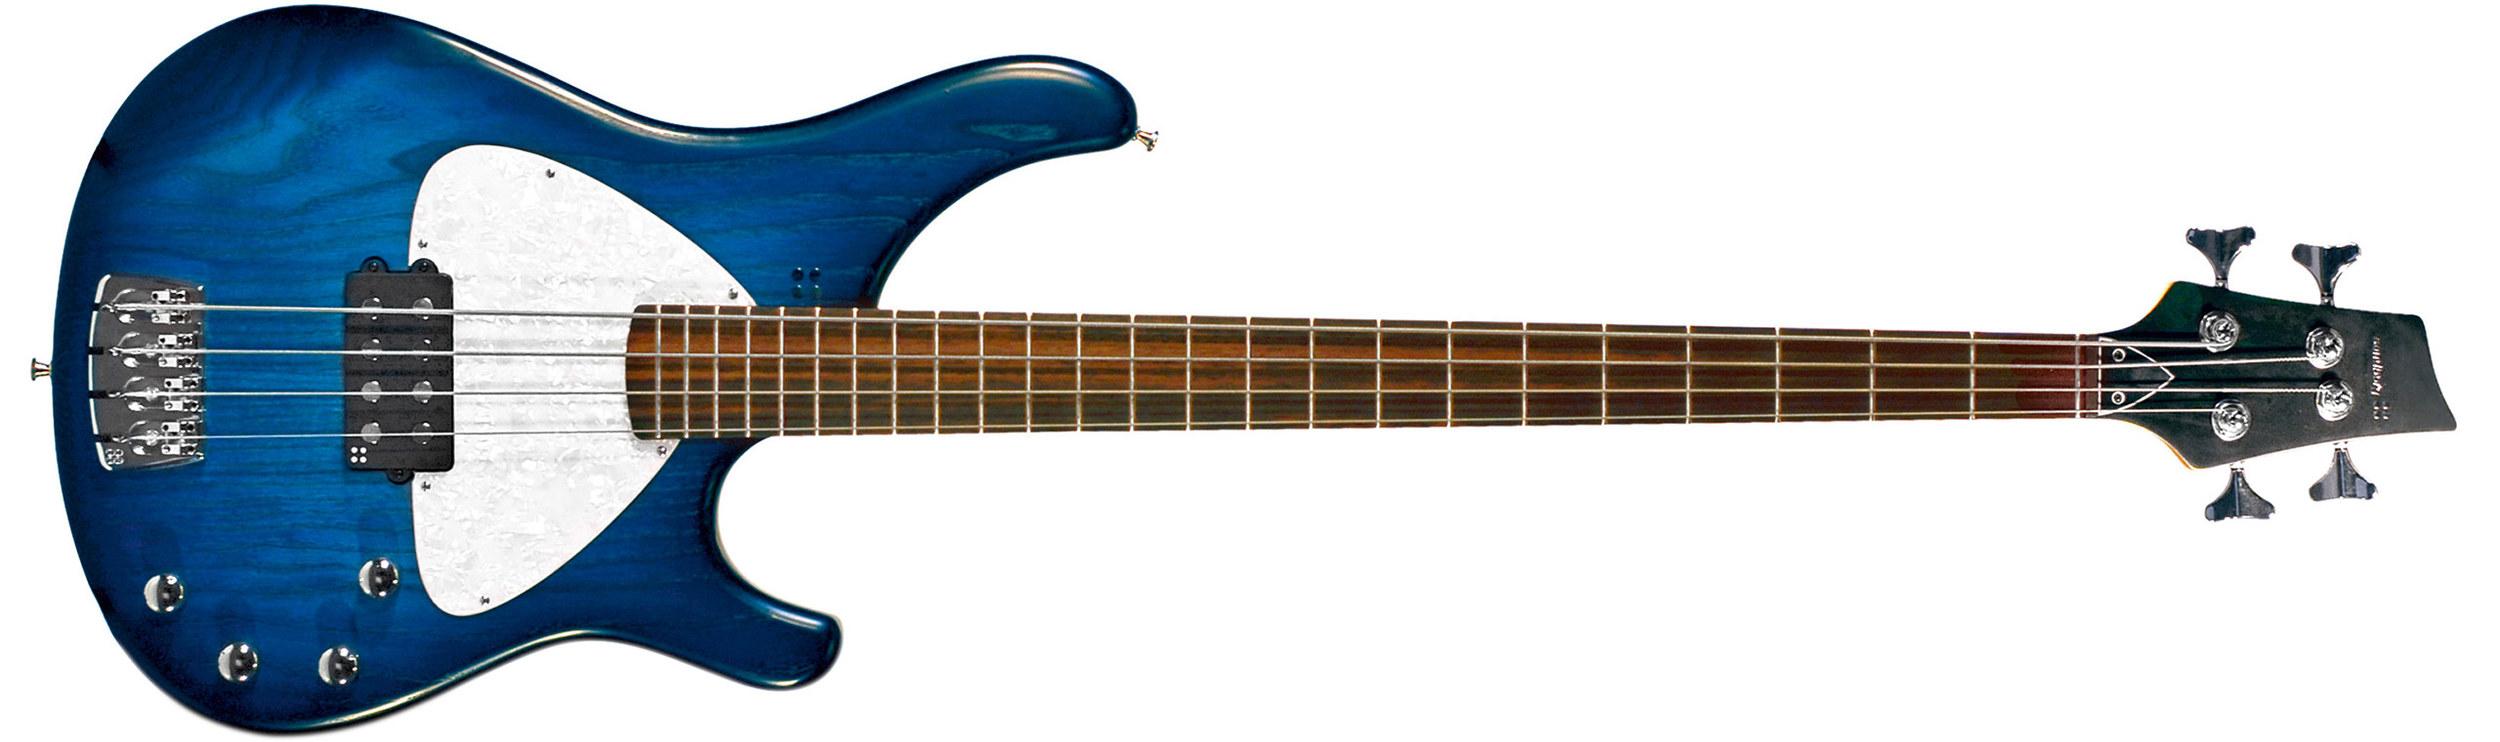 sandberg-basses-basic-4-blueburst.jpg